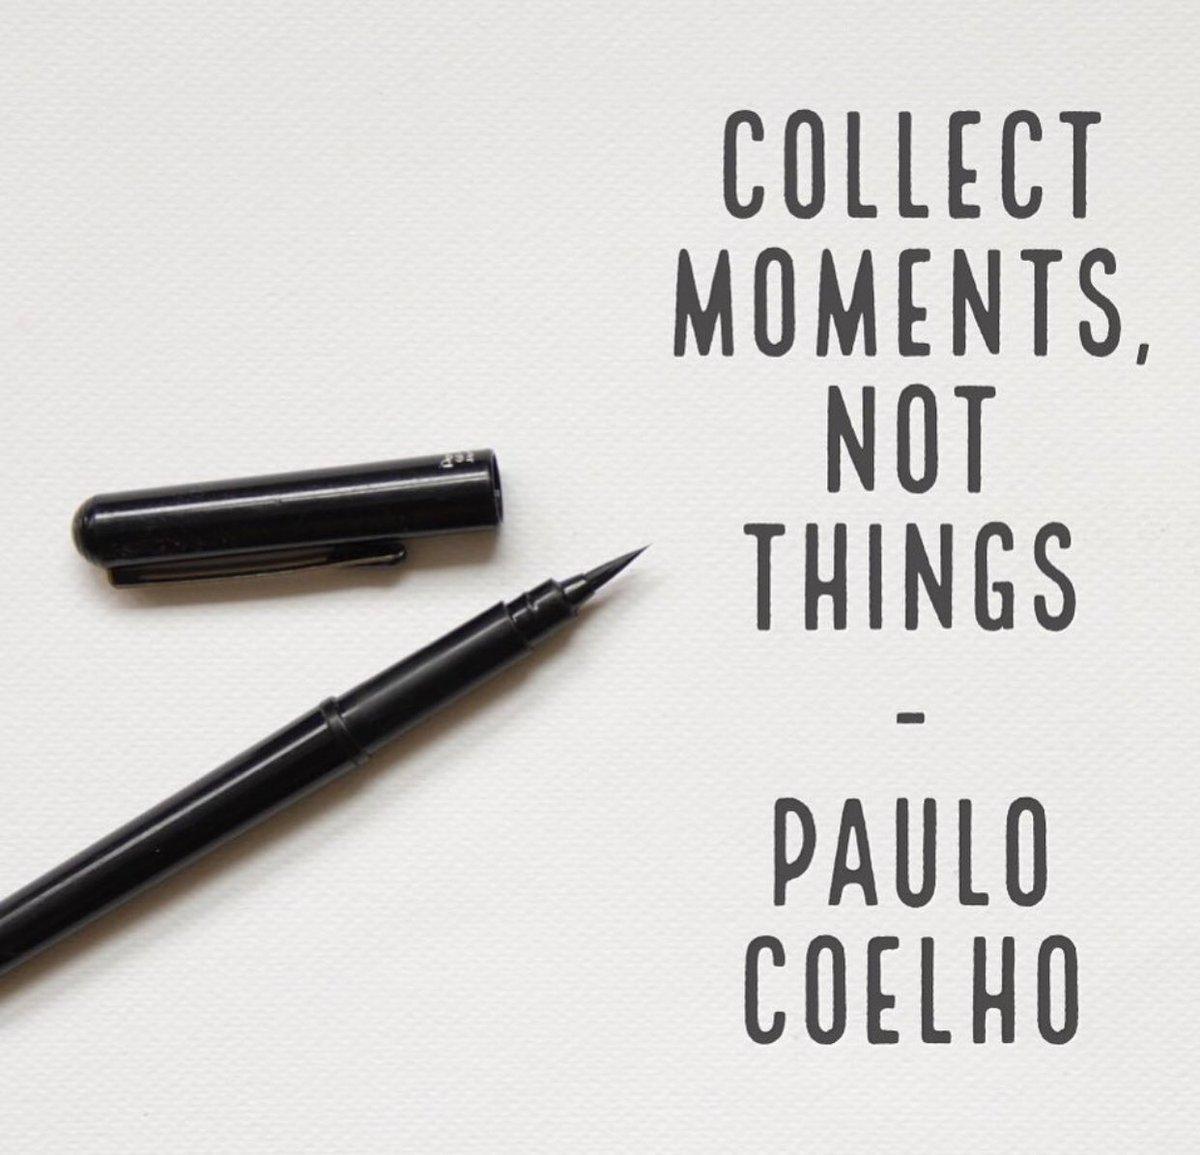 #paulocoelho @paulocoelho